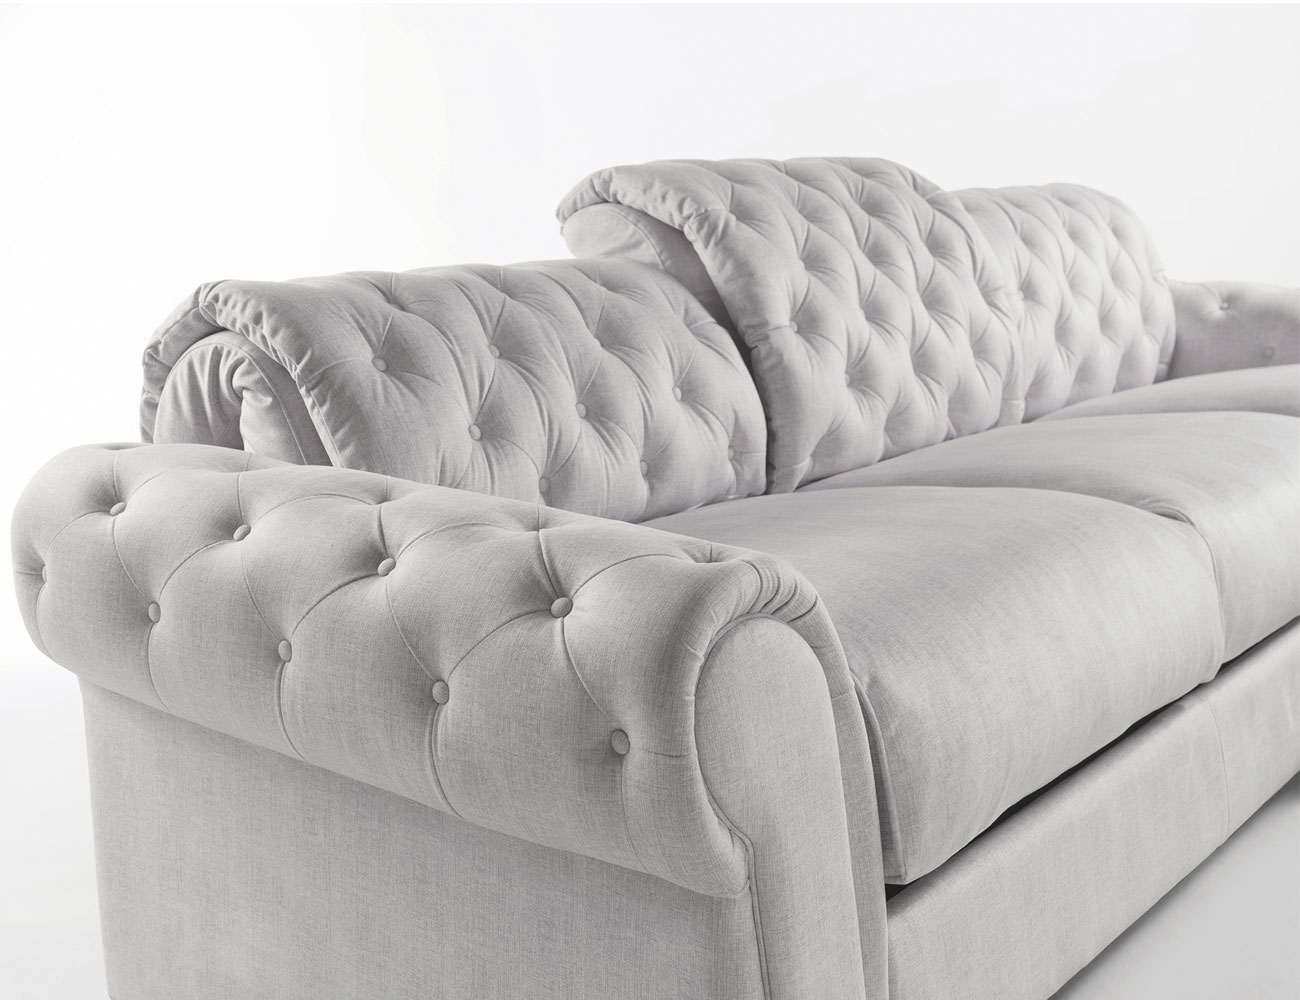 Sofa chaiselongue gran lujo decorativo capitone blanco tela 148